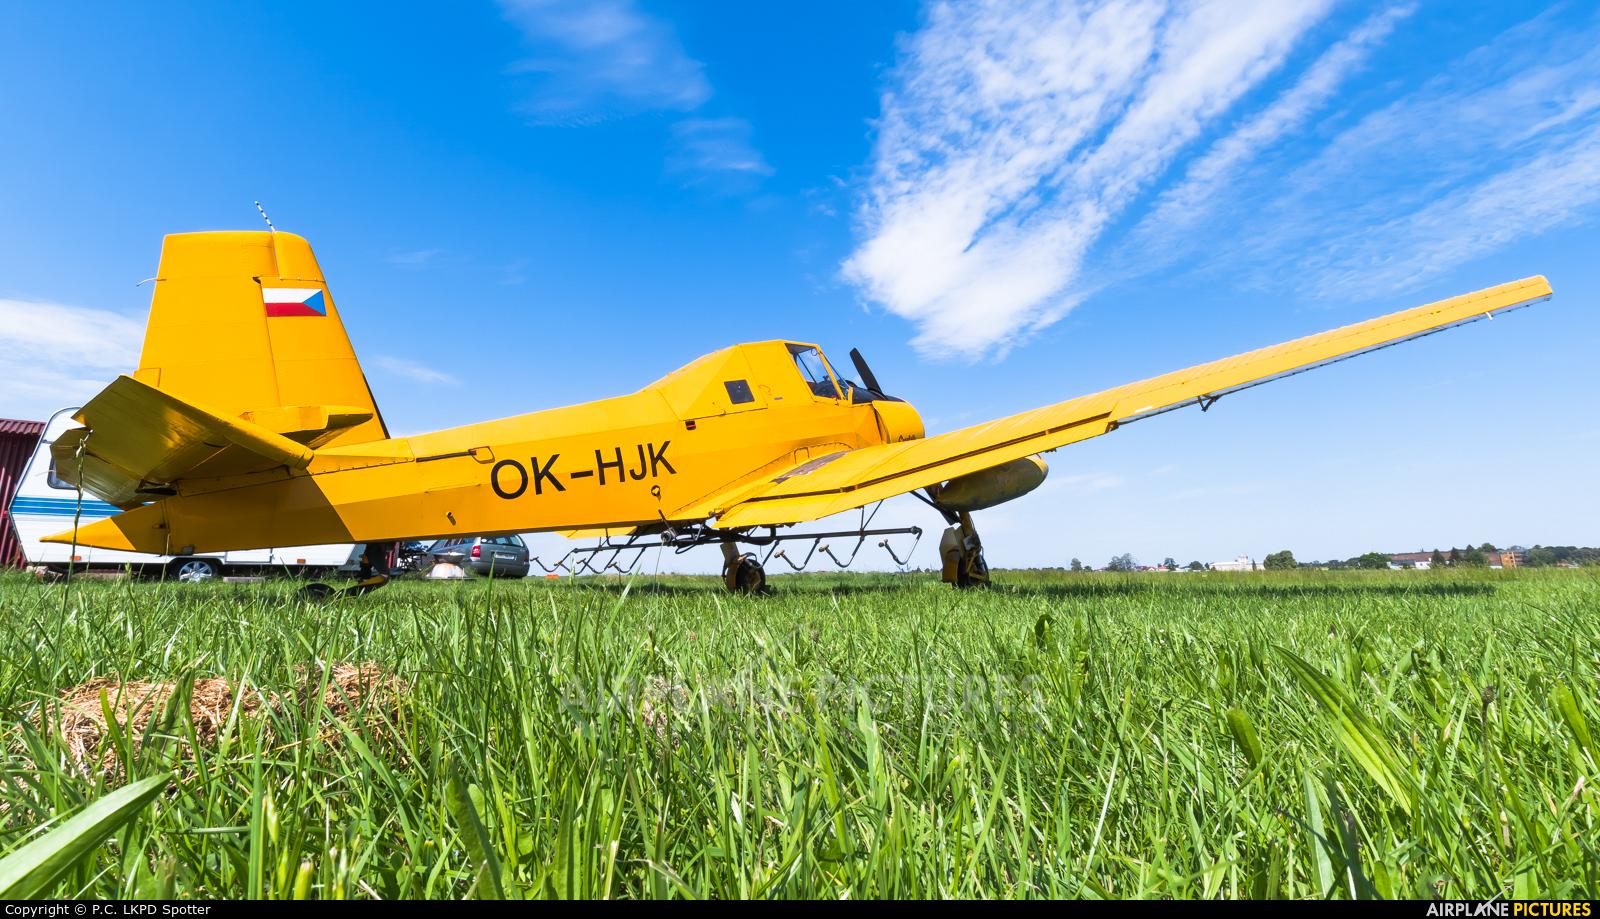 Agroair OK-HJK aircraft at Chrudim